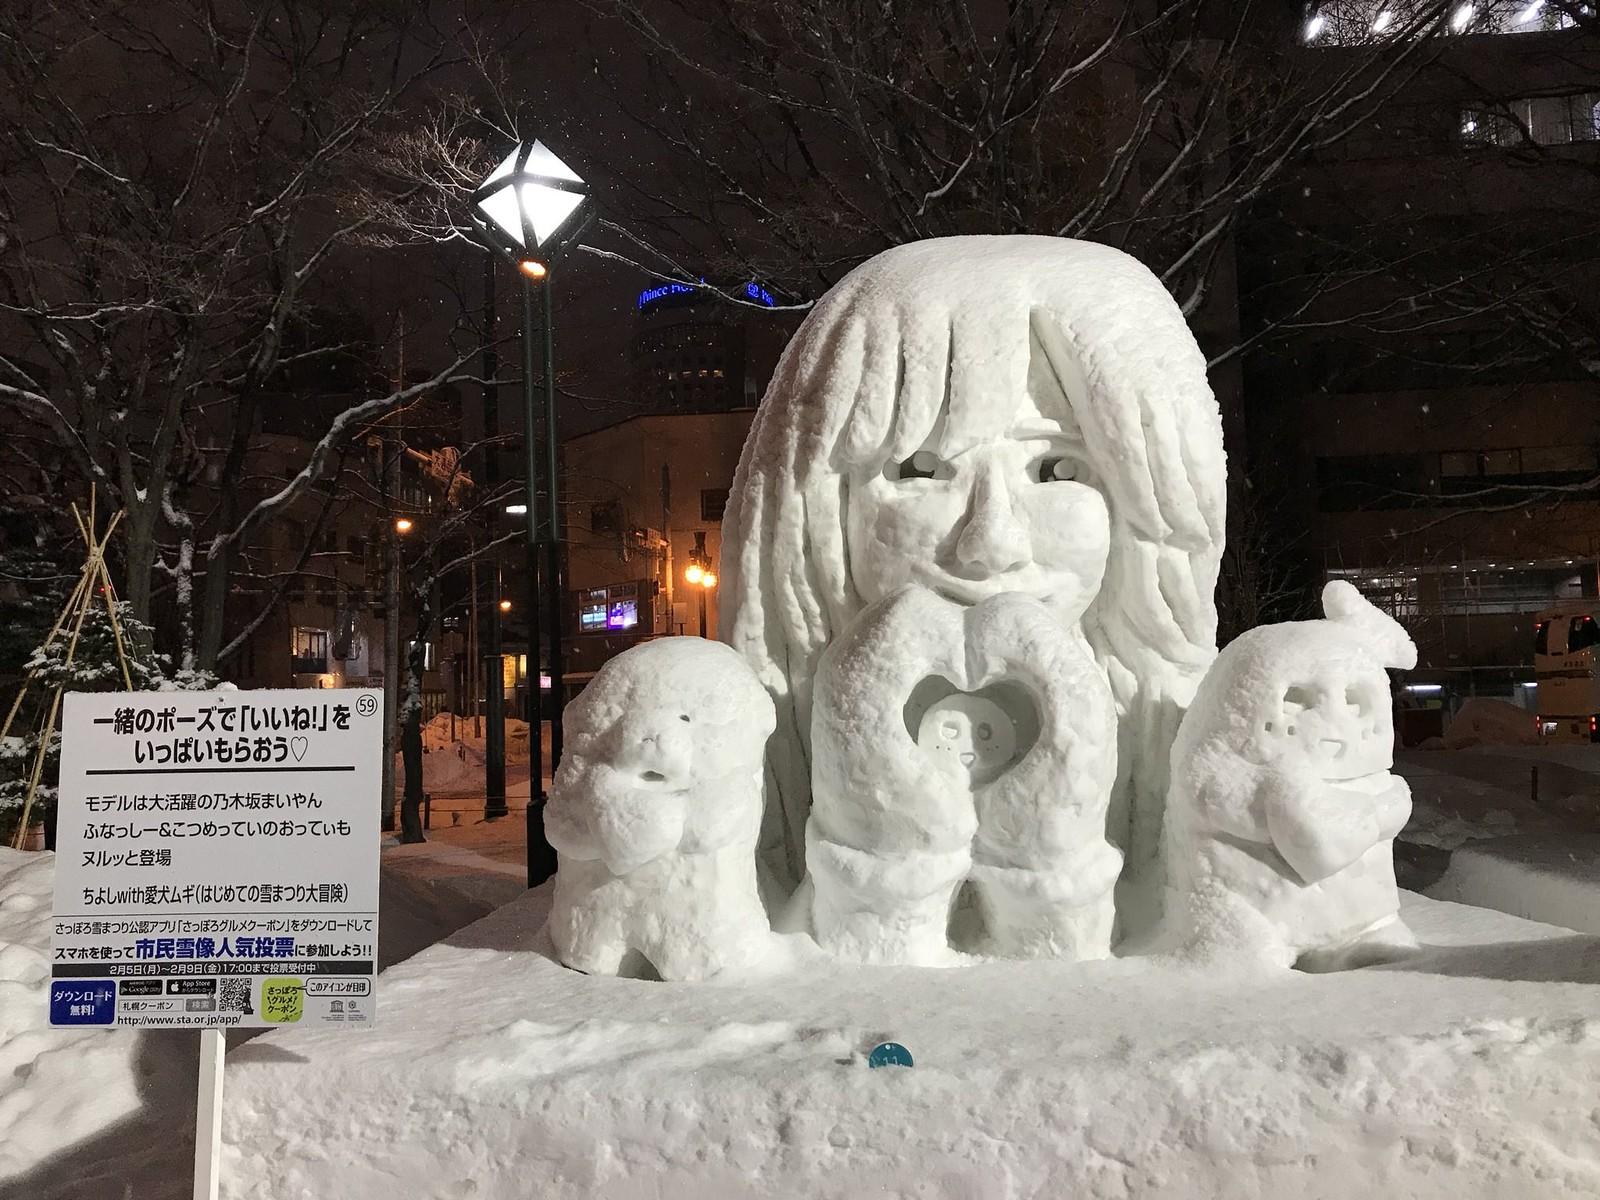 【エンタメ画像】【乃木坂46】白石麻衣『札幌雪まつり』の雪像になってる件wwww